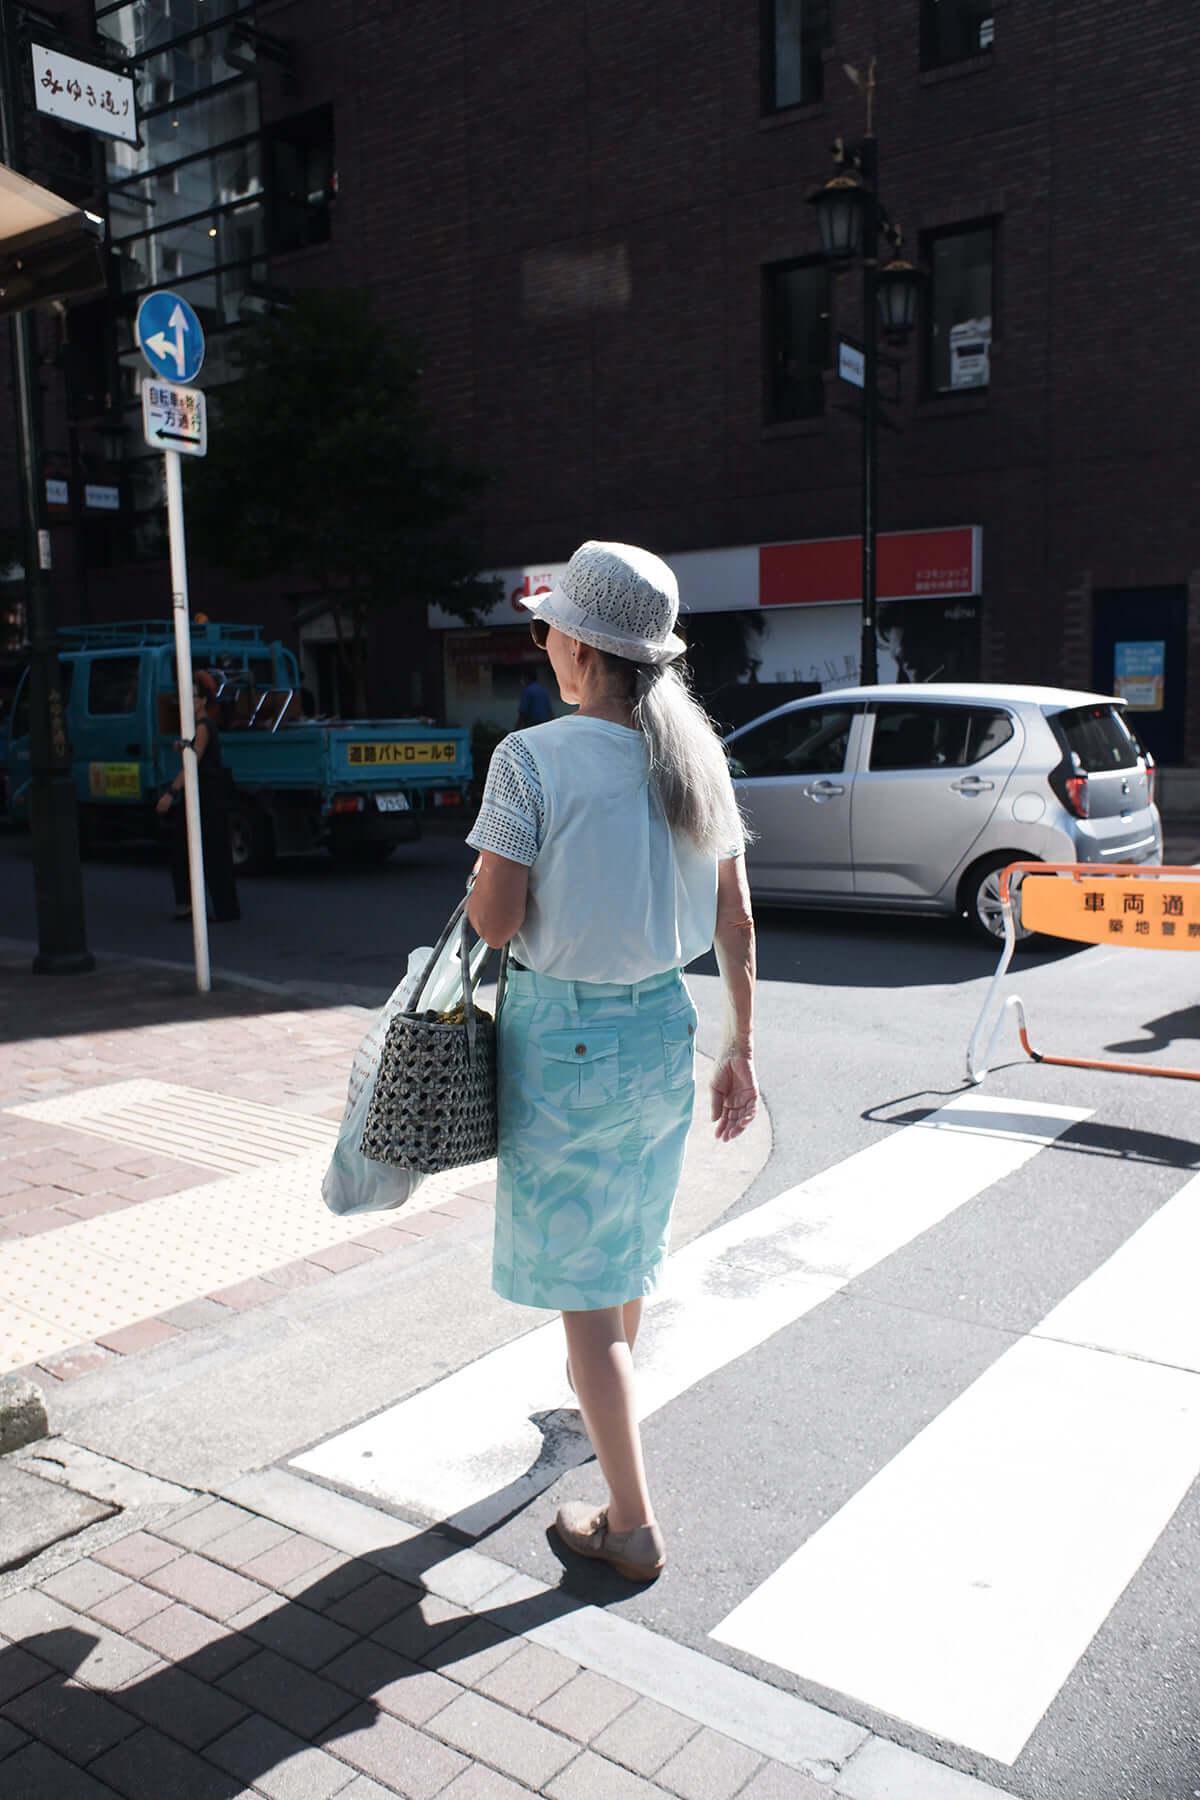 予定調和を崩してくれる心地の良い偶然。写真家・嶌村吉祥丸が捉えた東京の情景 kisshomaru_3522-1200x1800